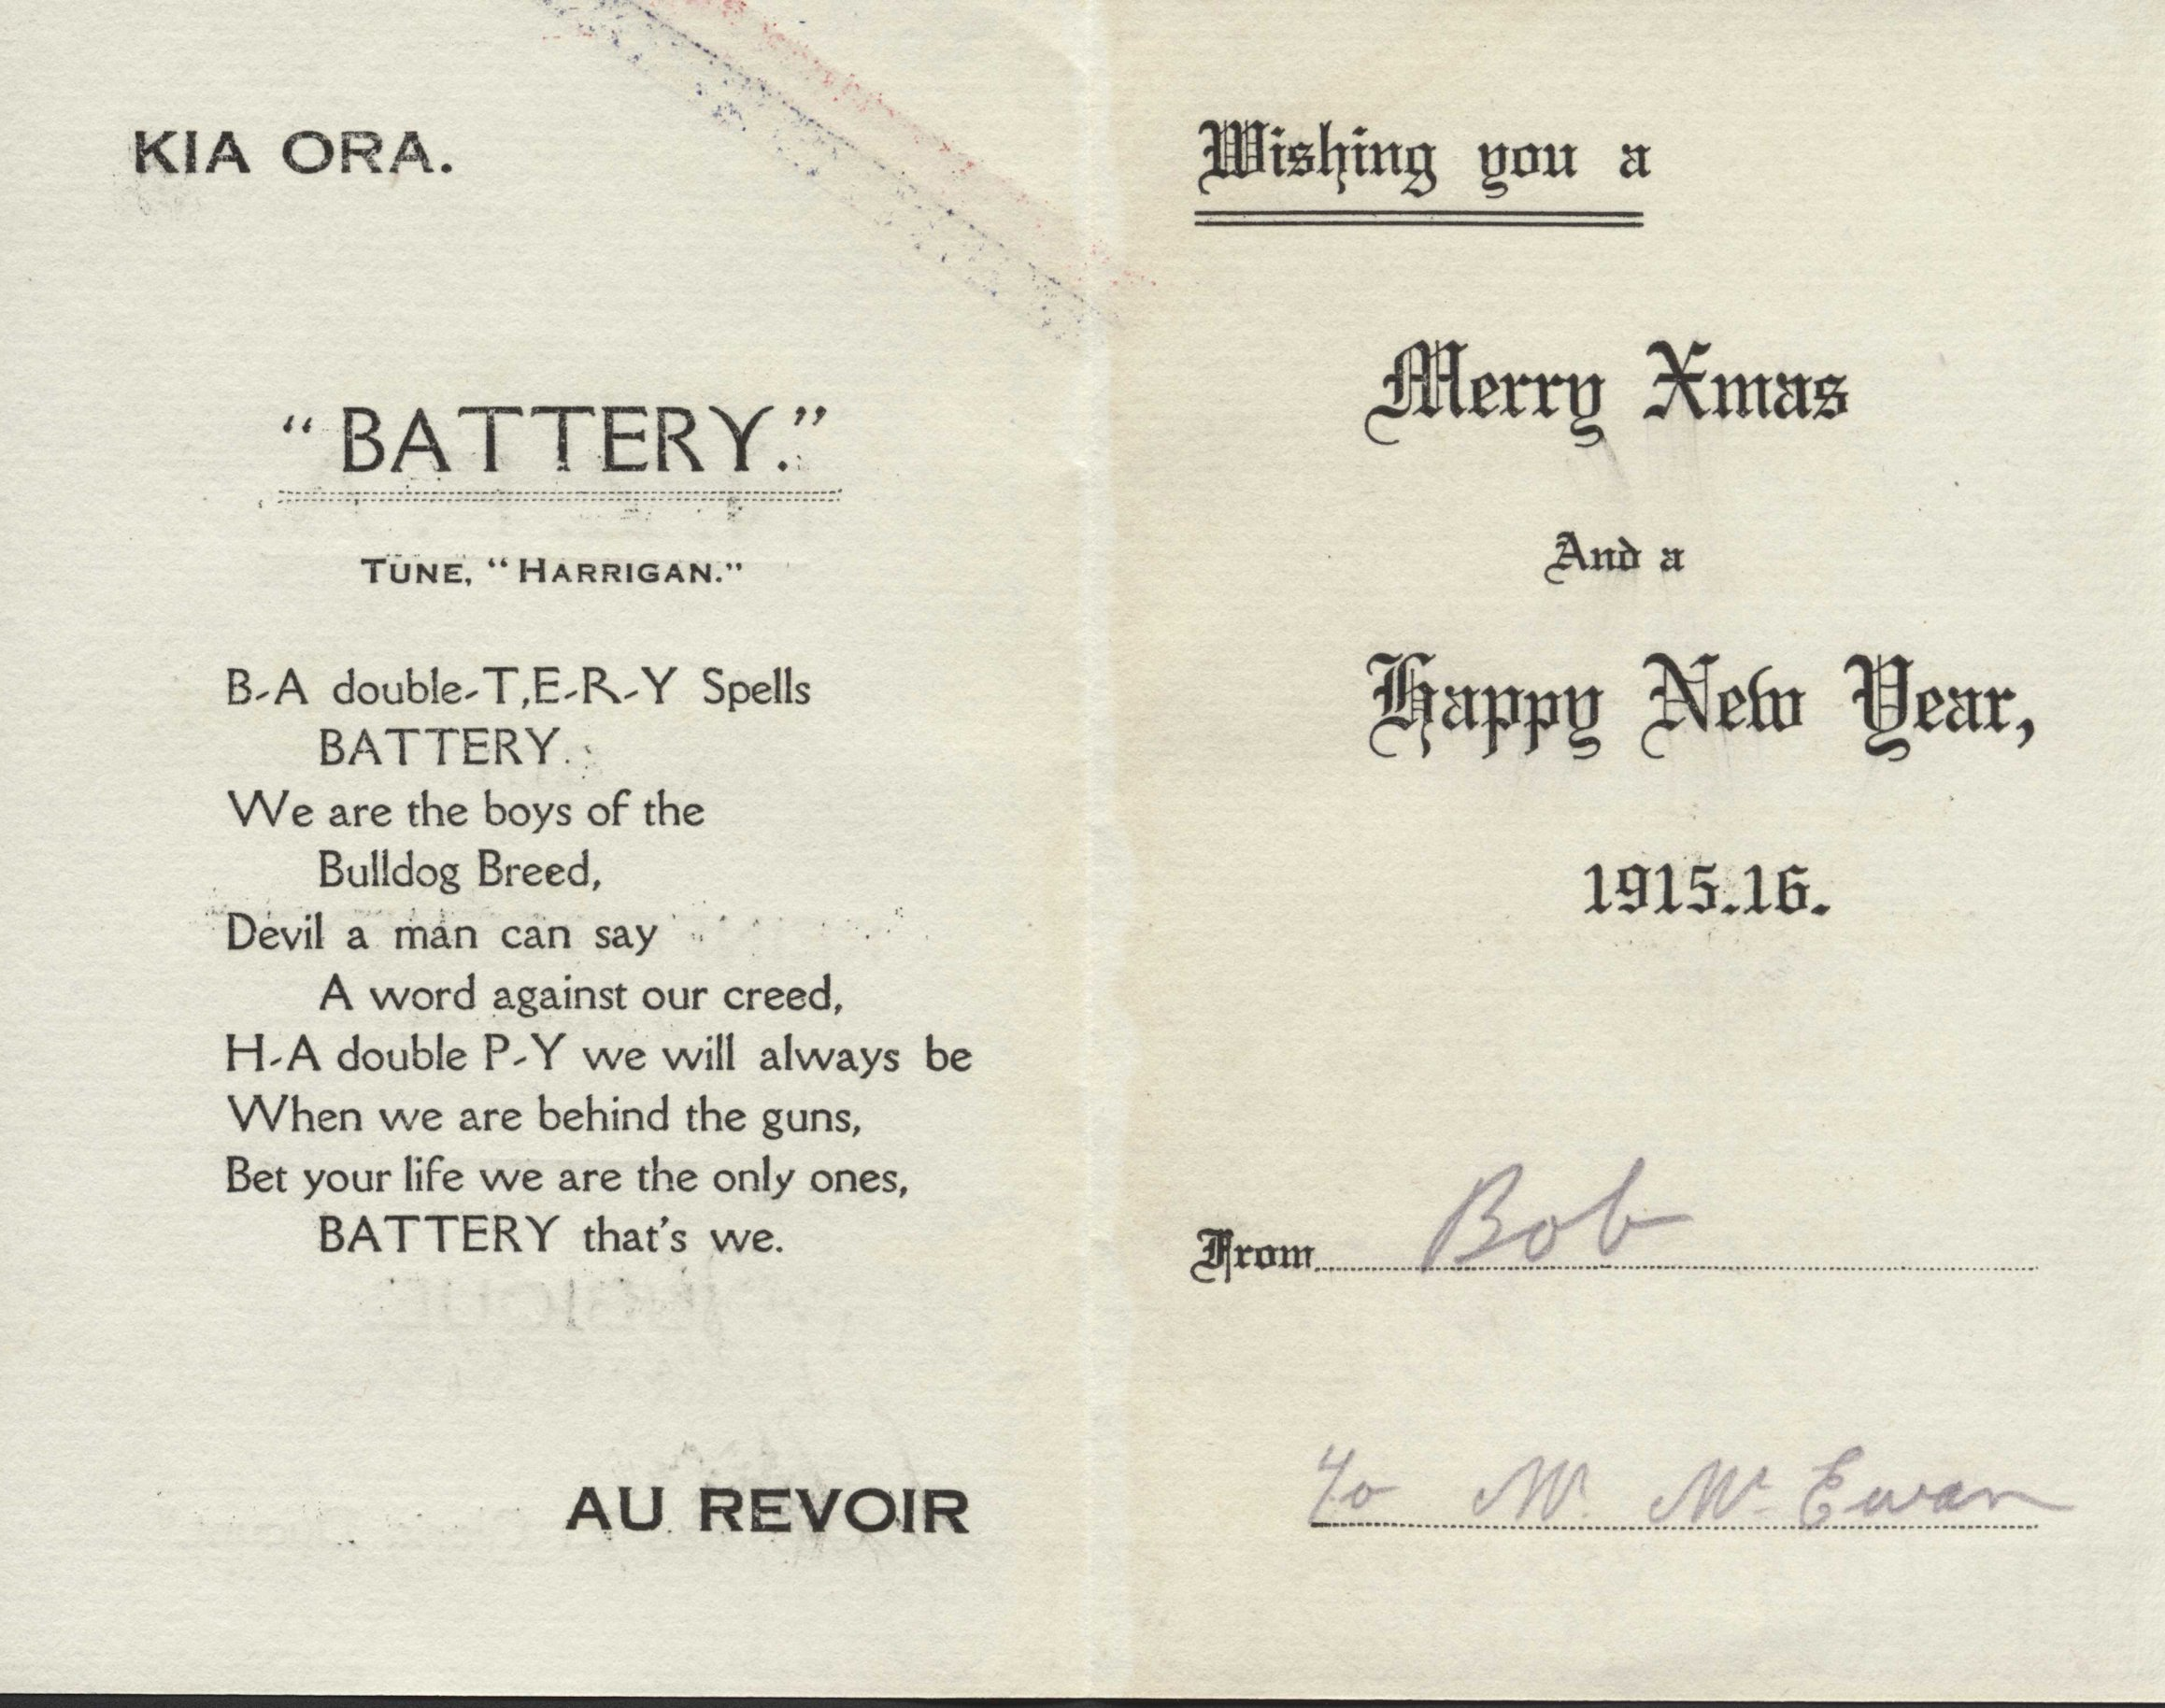 Christmas Card 1915-16